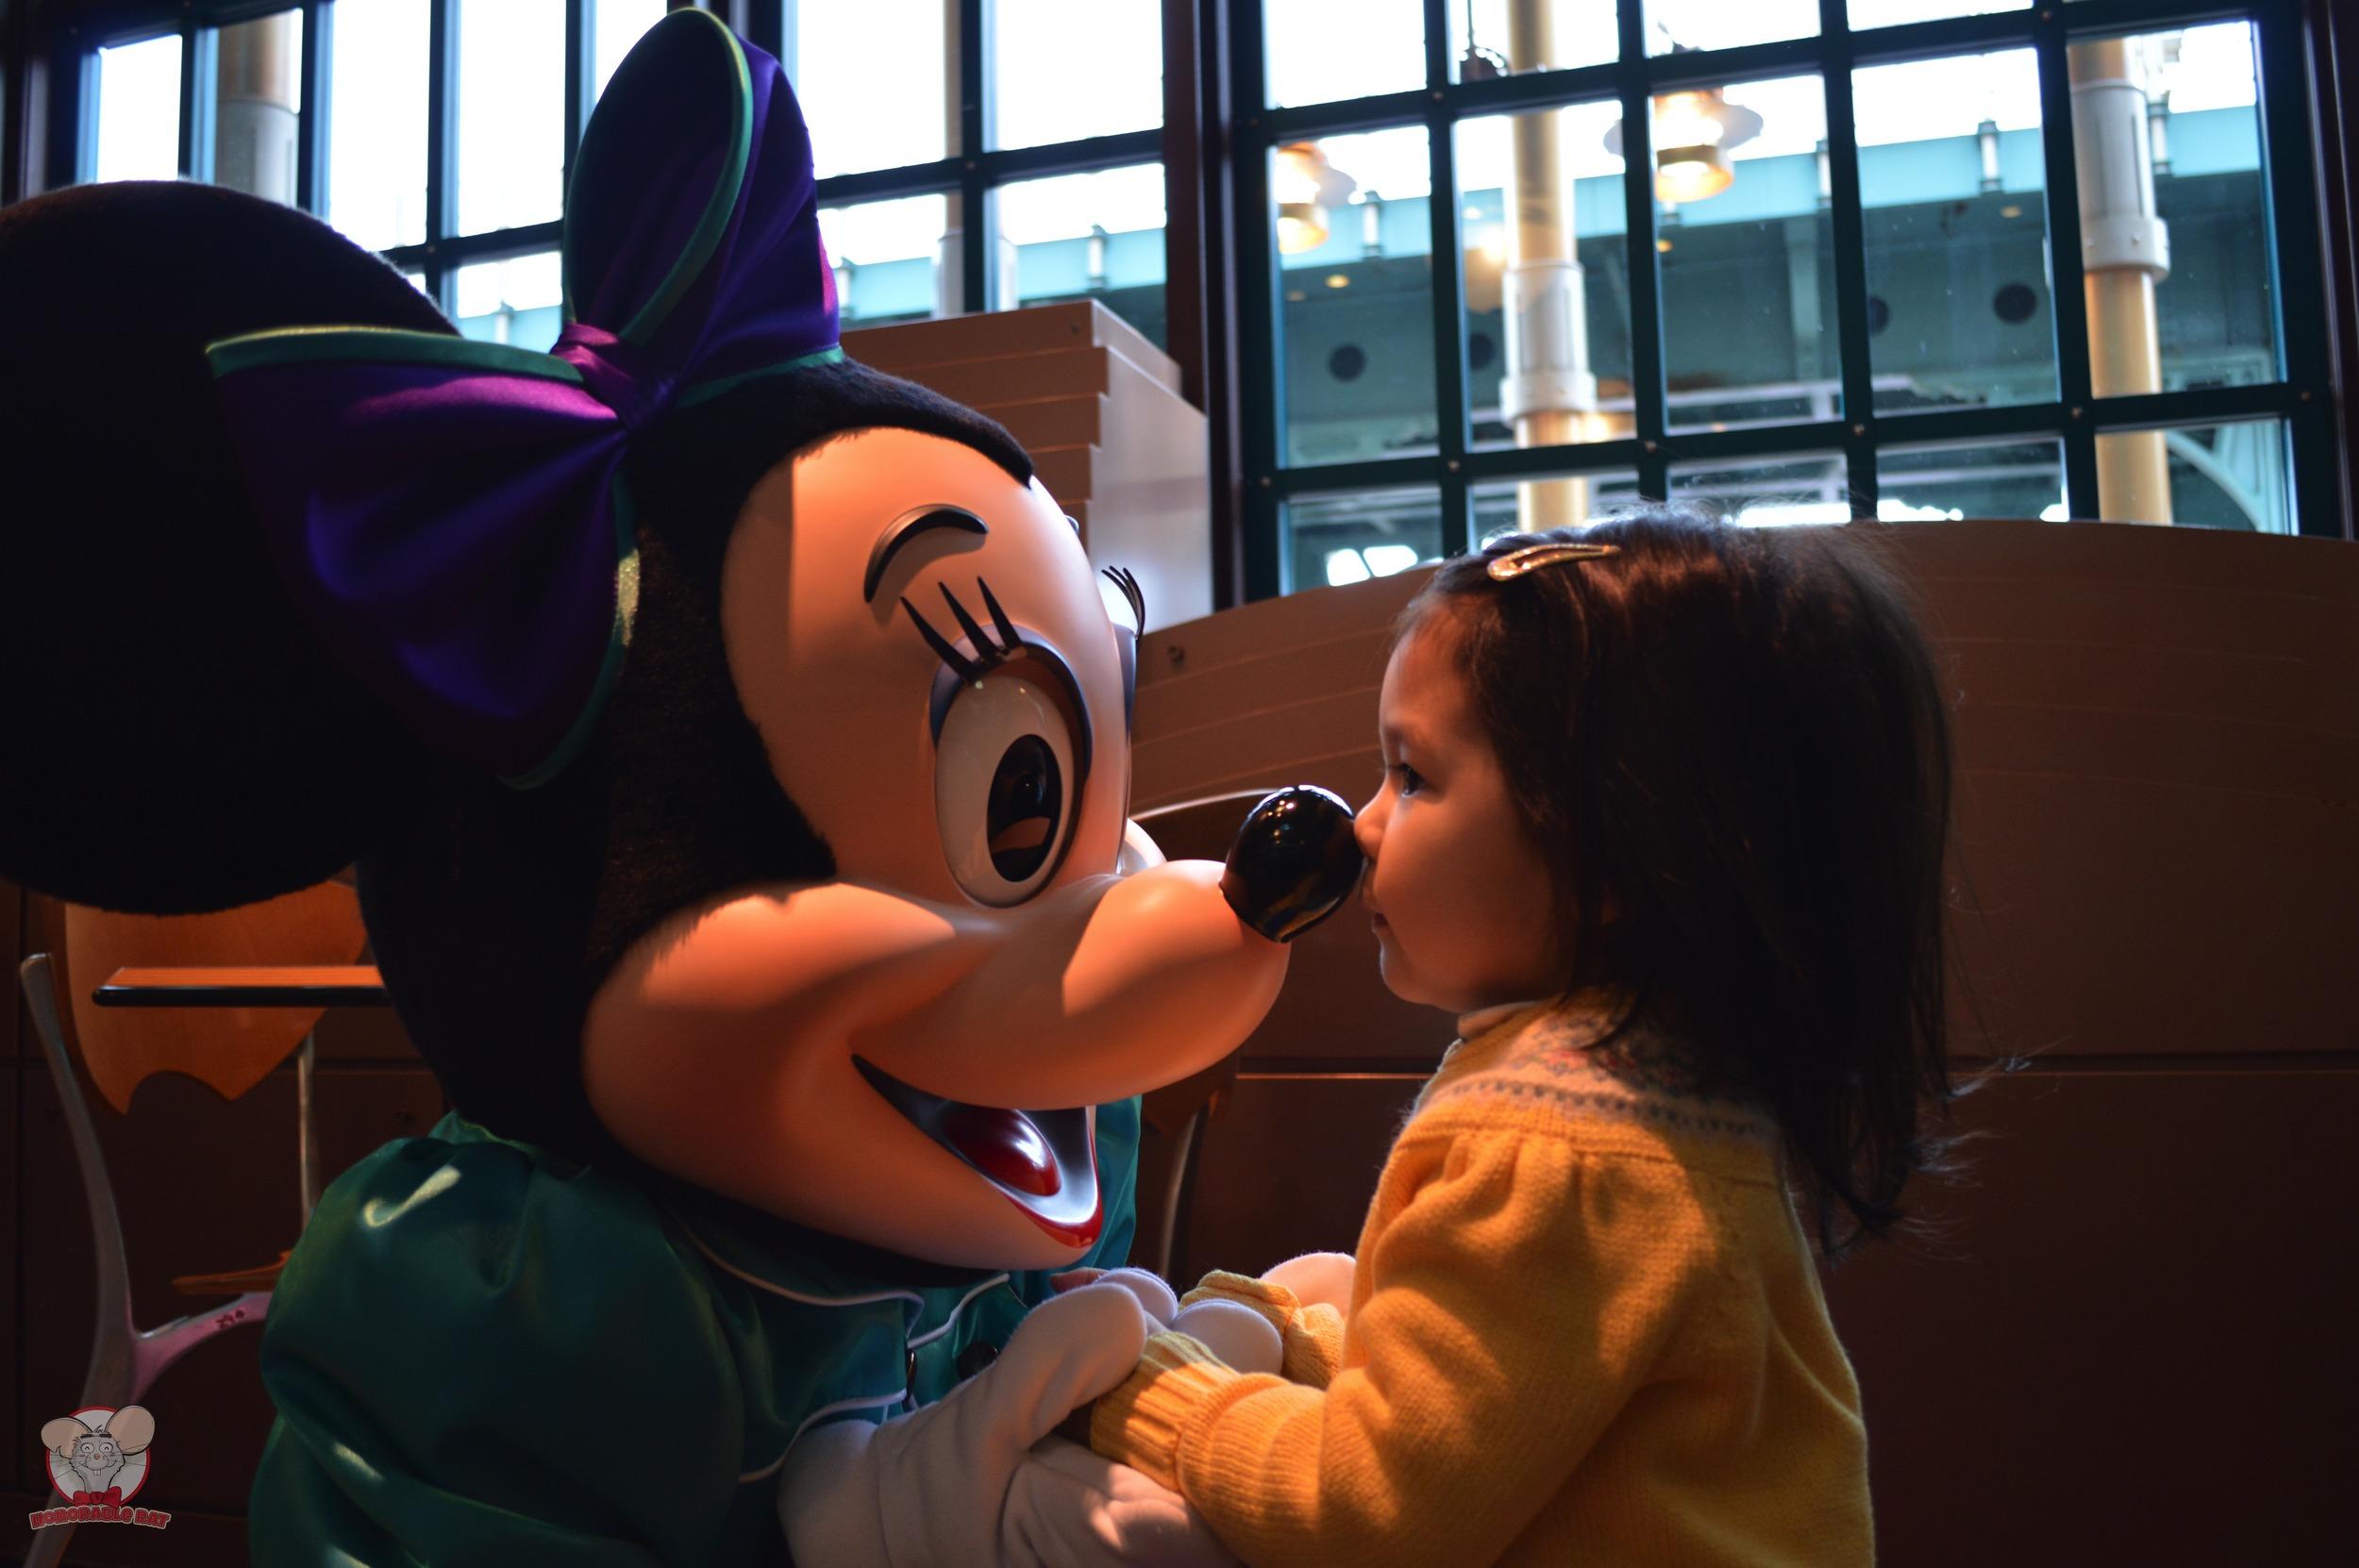 Mahina with Minnie Mouse